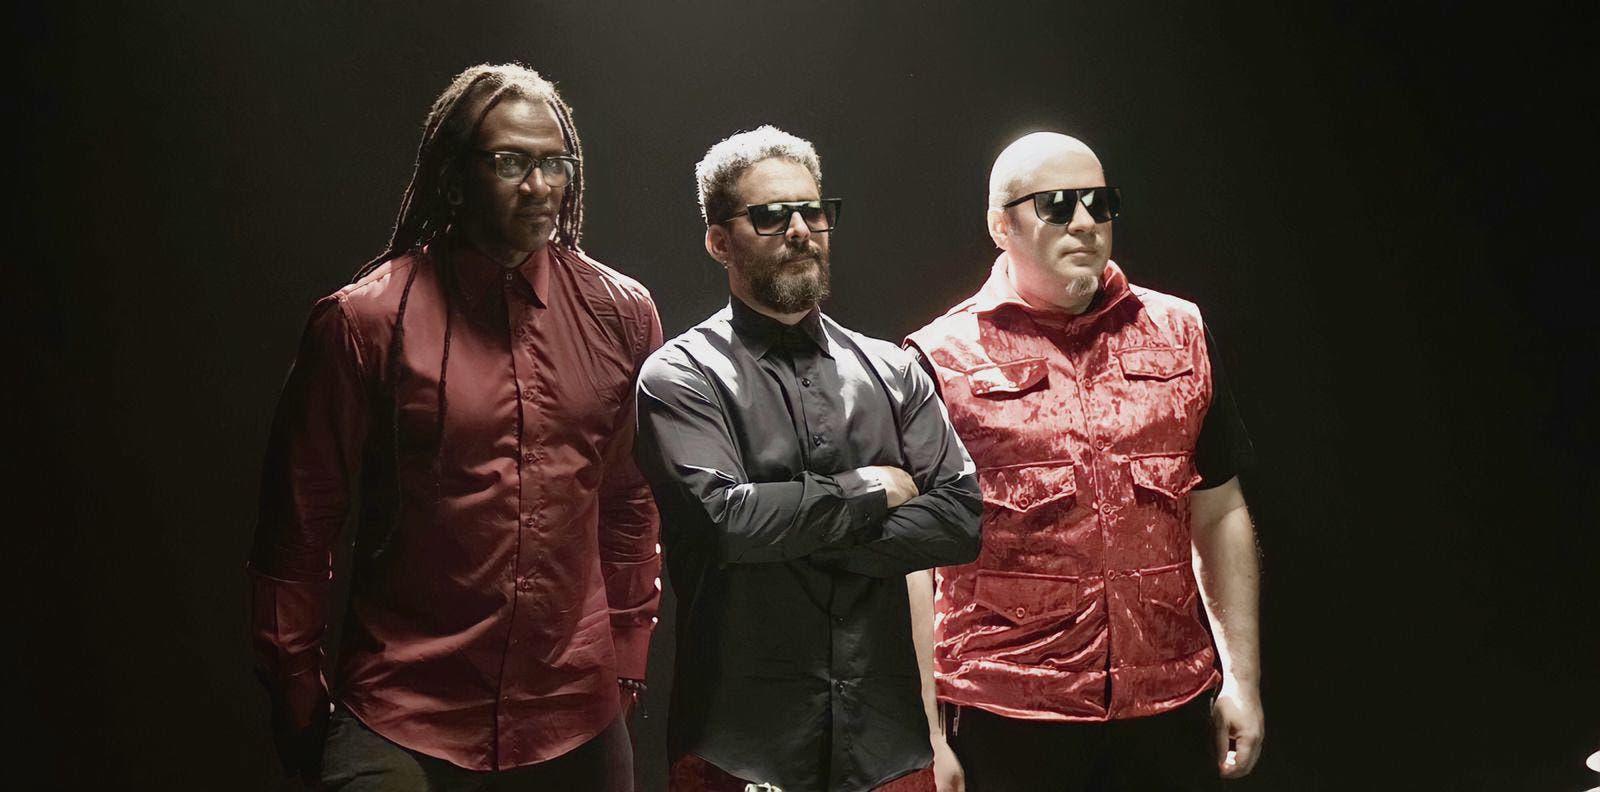 Hard Rock Cafe y Toque Profundo unidos en concierto a beneficio de Haití